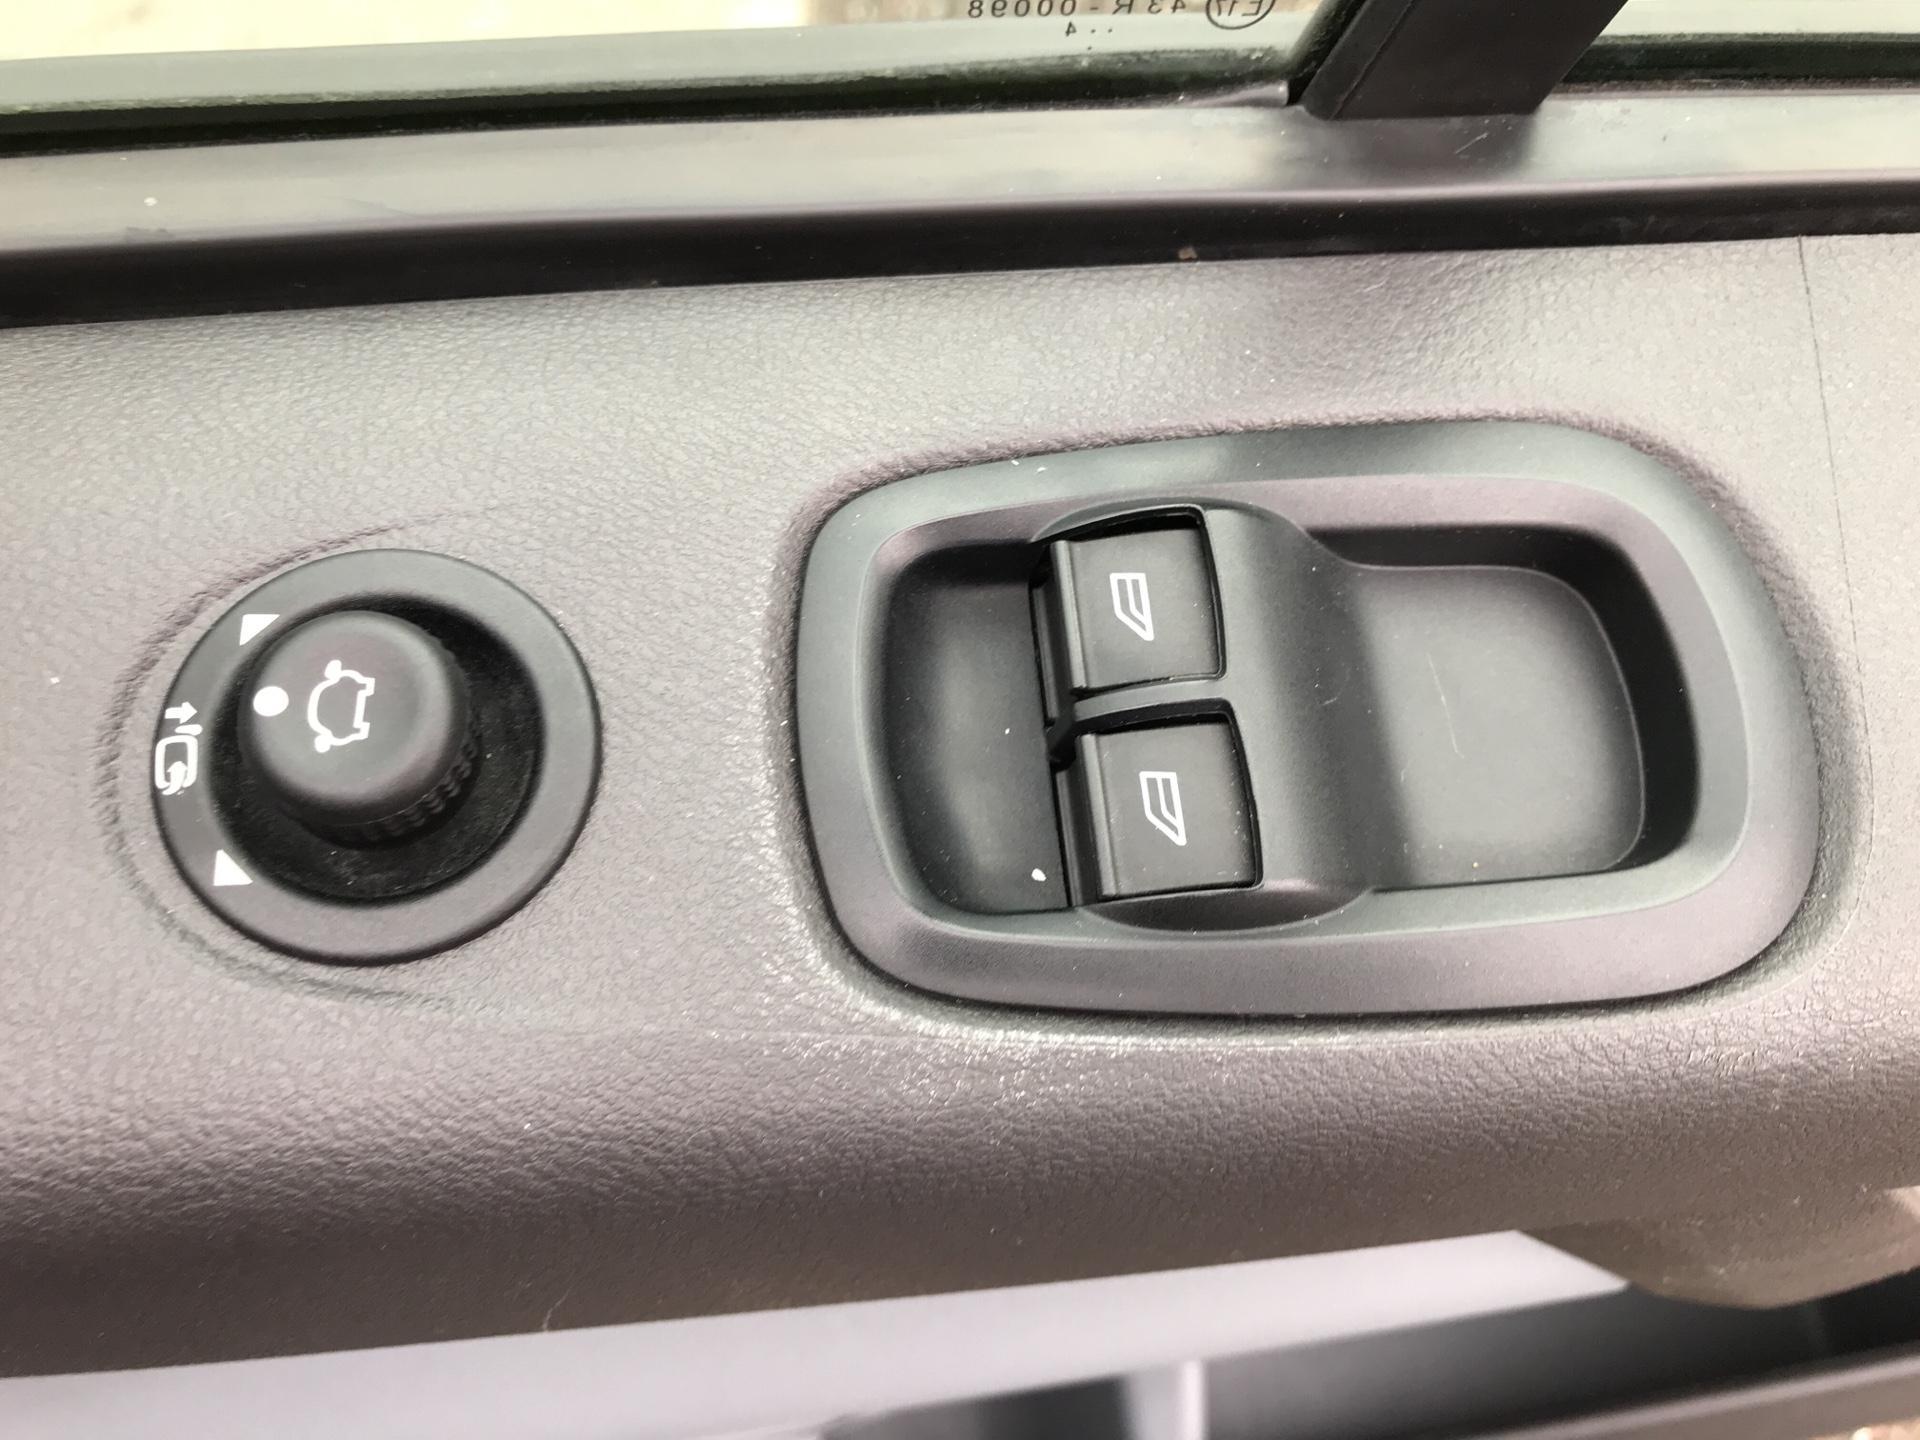 2014 Ford Transit Custom 330 L2 DIESEL FWD 2.2 TDCI 125PS LOW ROOF TREND VAN EURO 5 (YK64GDE) Image 20